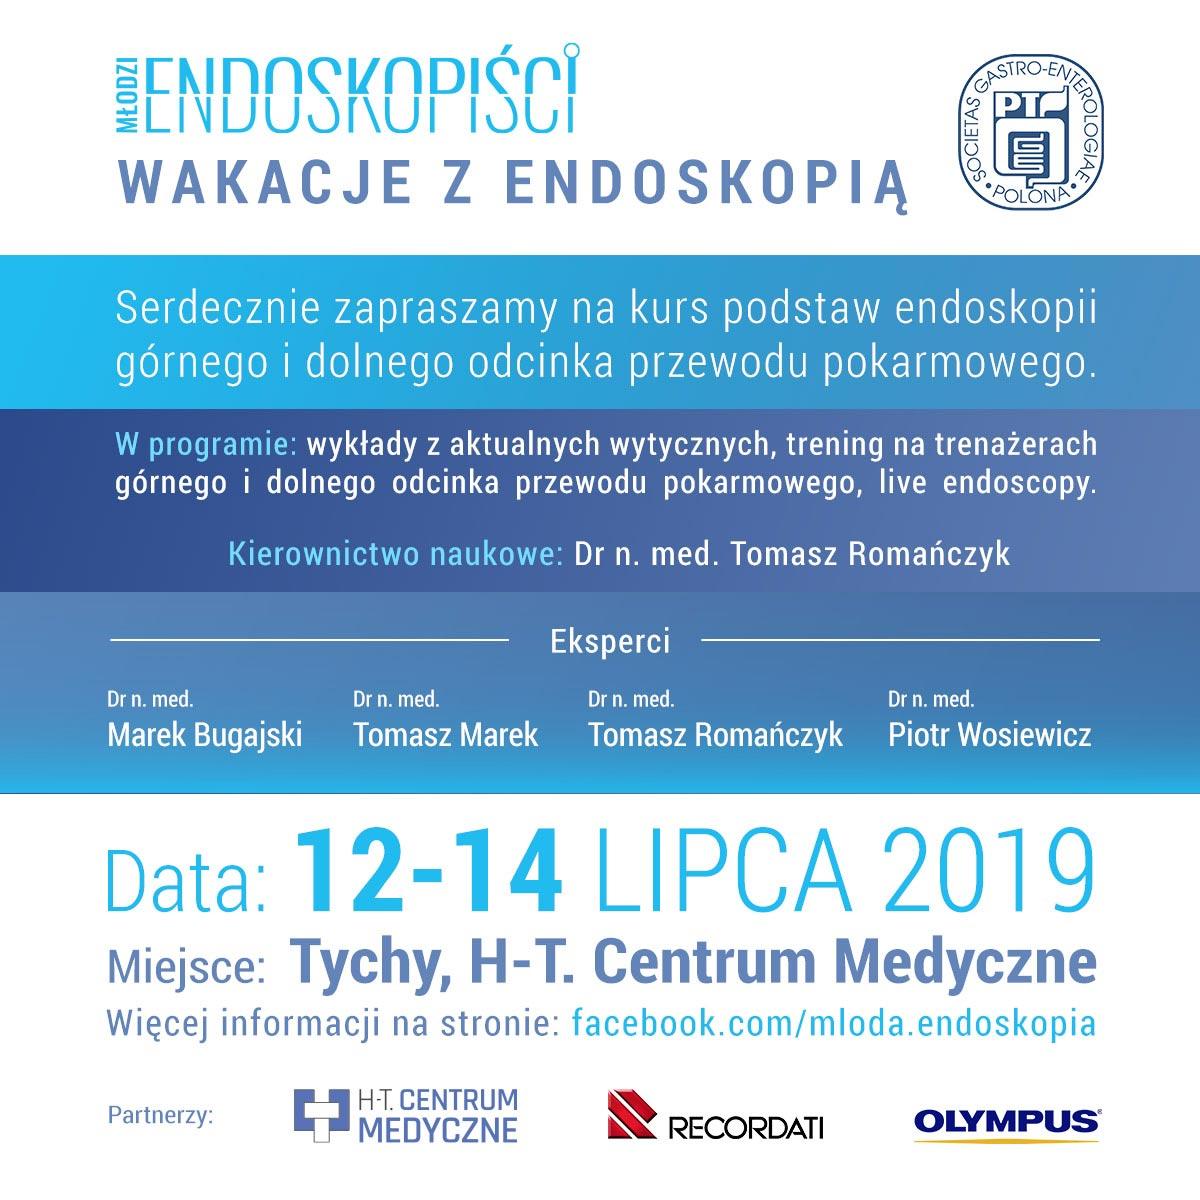 wakacje z endoskopia 2019 - Wakacje z endoskopią 12-14.07.2019 Tychy